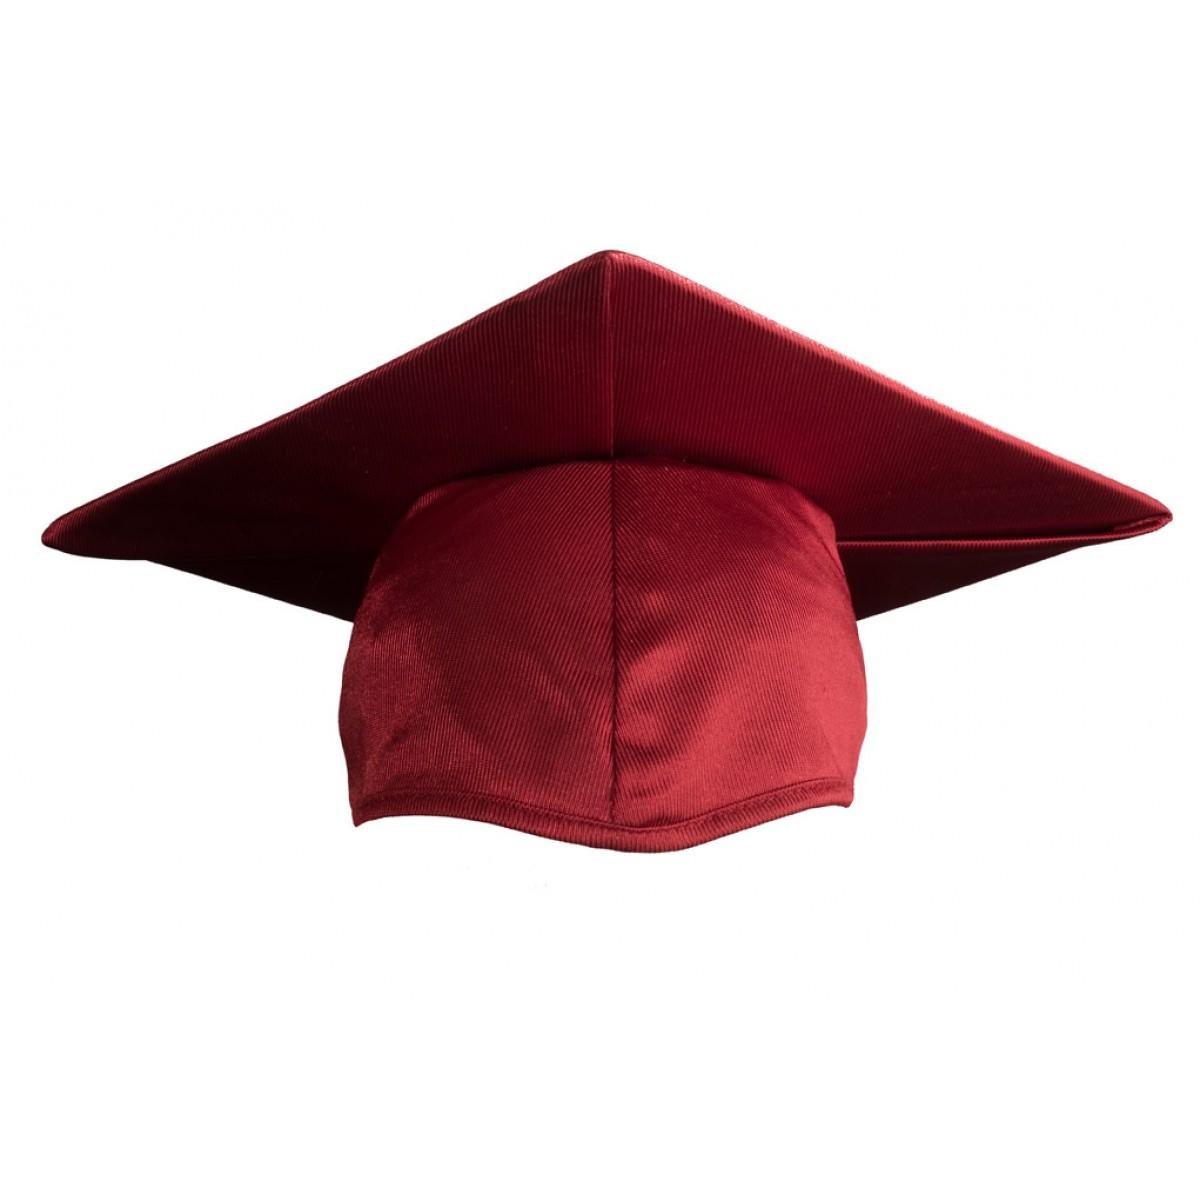 1200x1200 Maroon Graduation Cap Clipart